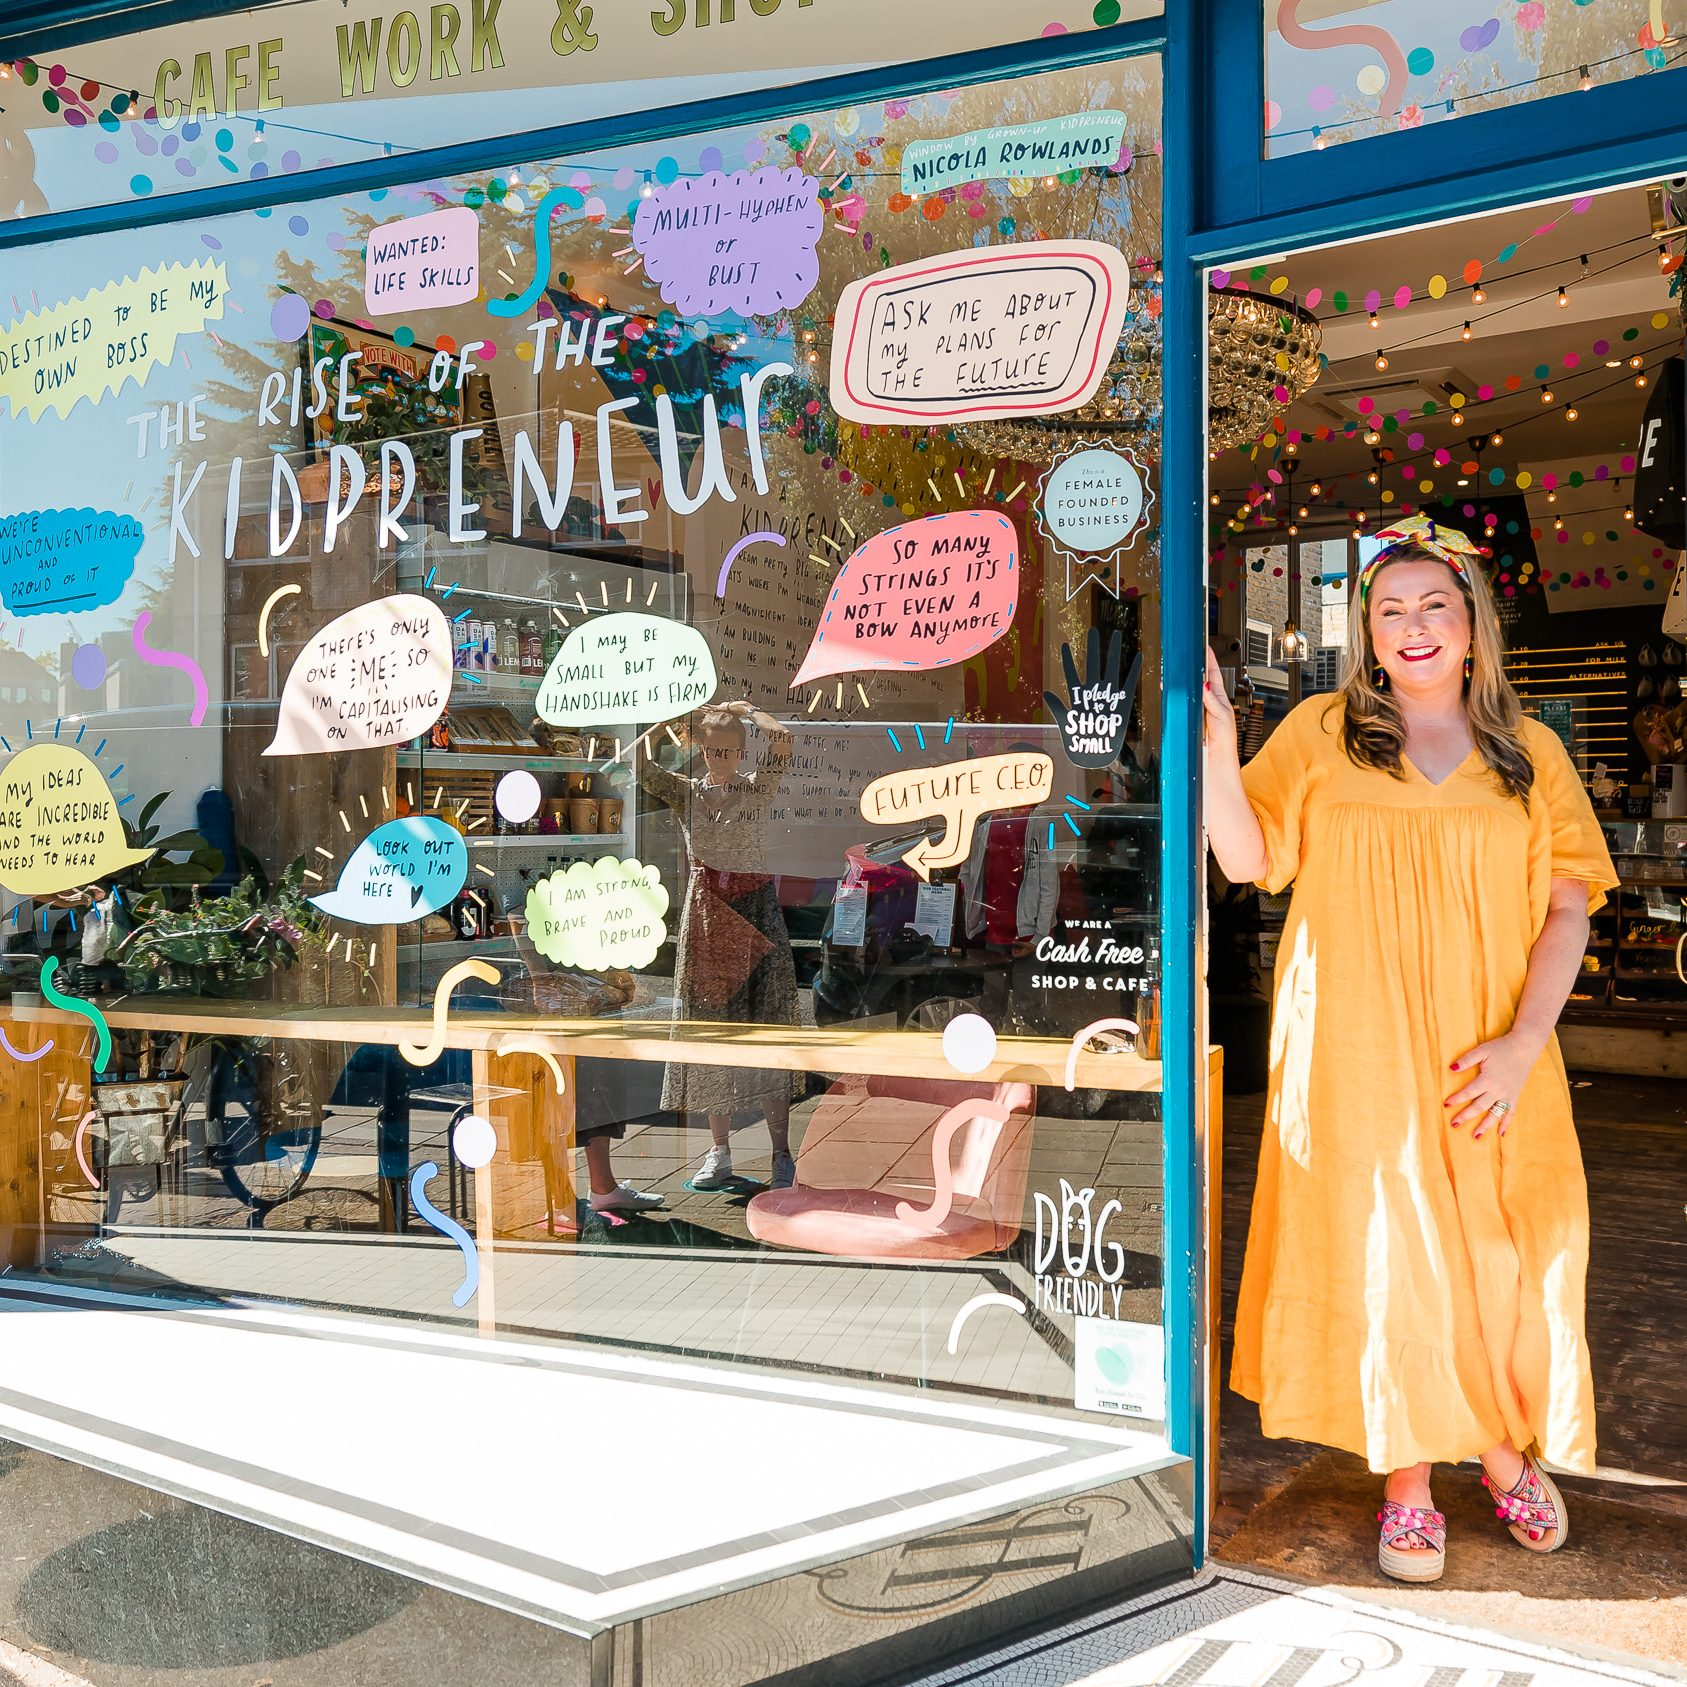 Holly Tucker outside the workshop for kidpreneur month